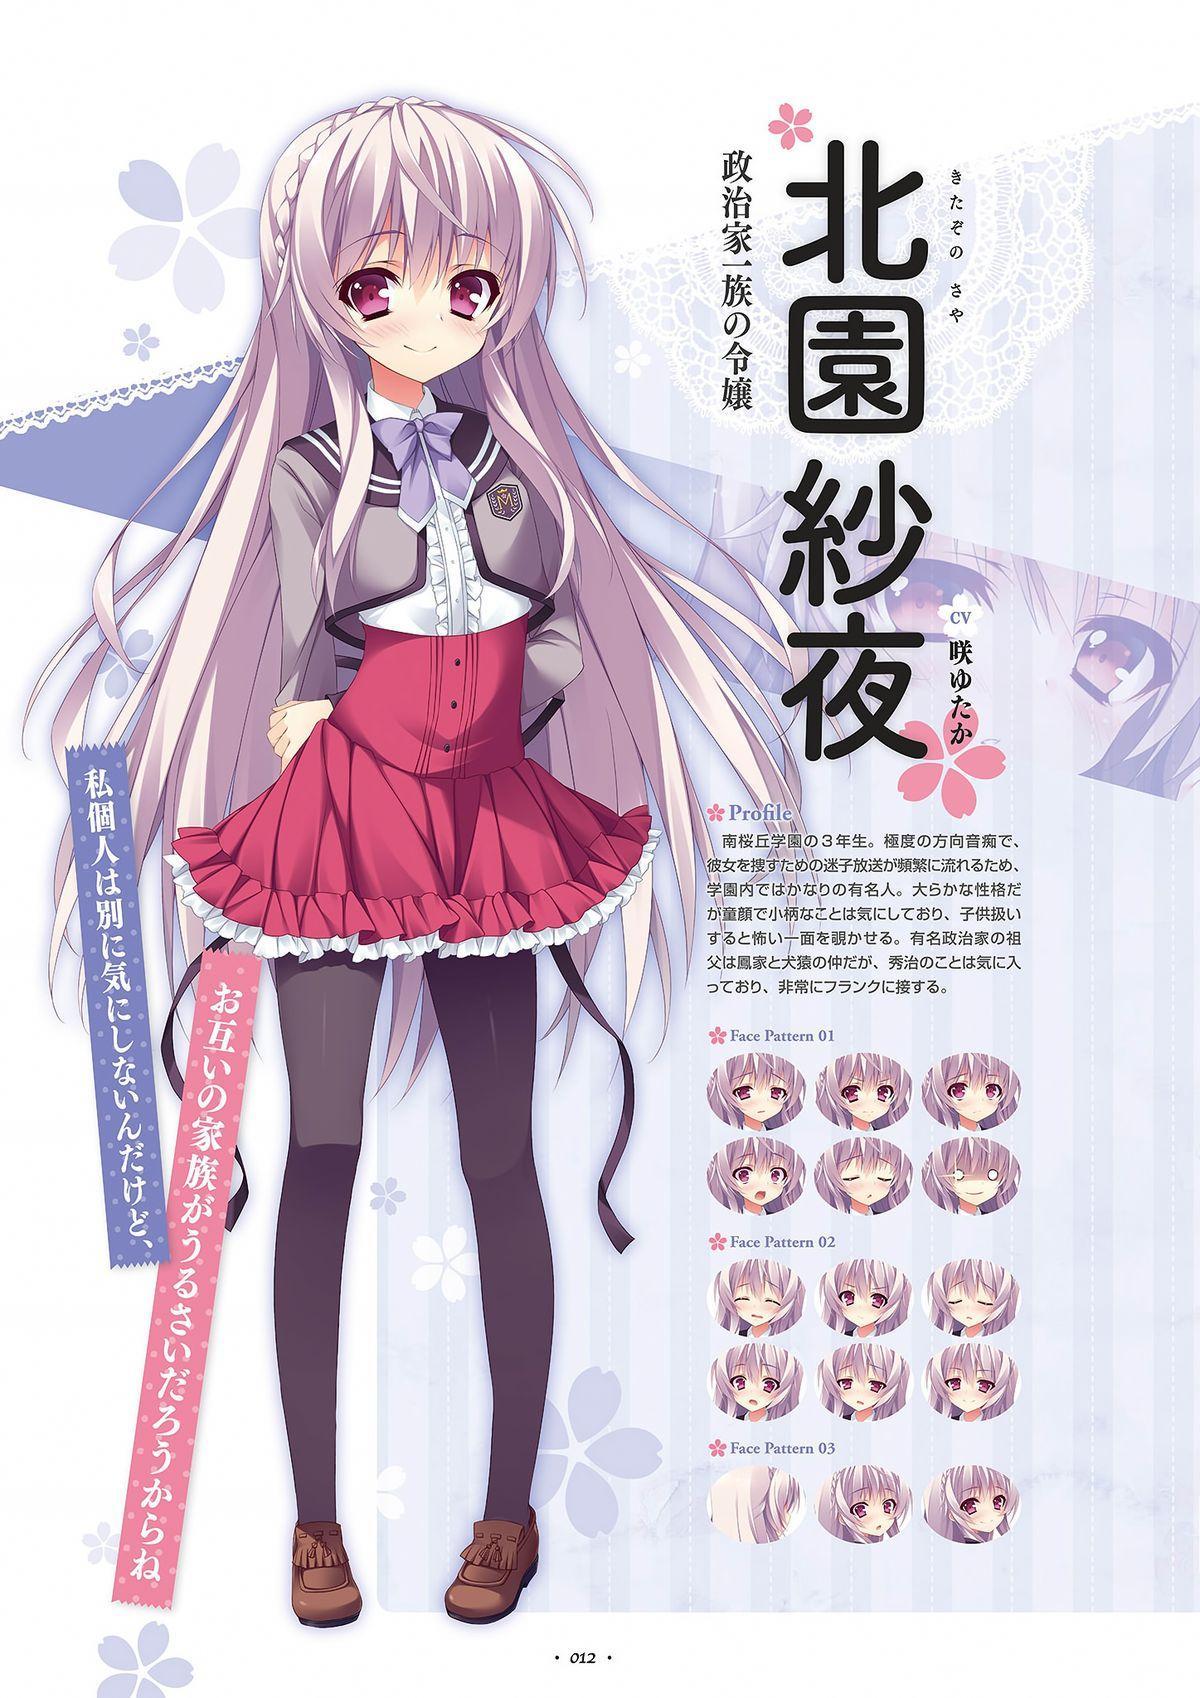 Shukufuku no Kane no Oto wa, Sakura-iro no Kaze to Tomo ni Visual Fanbook 13